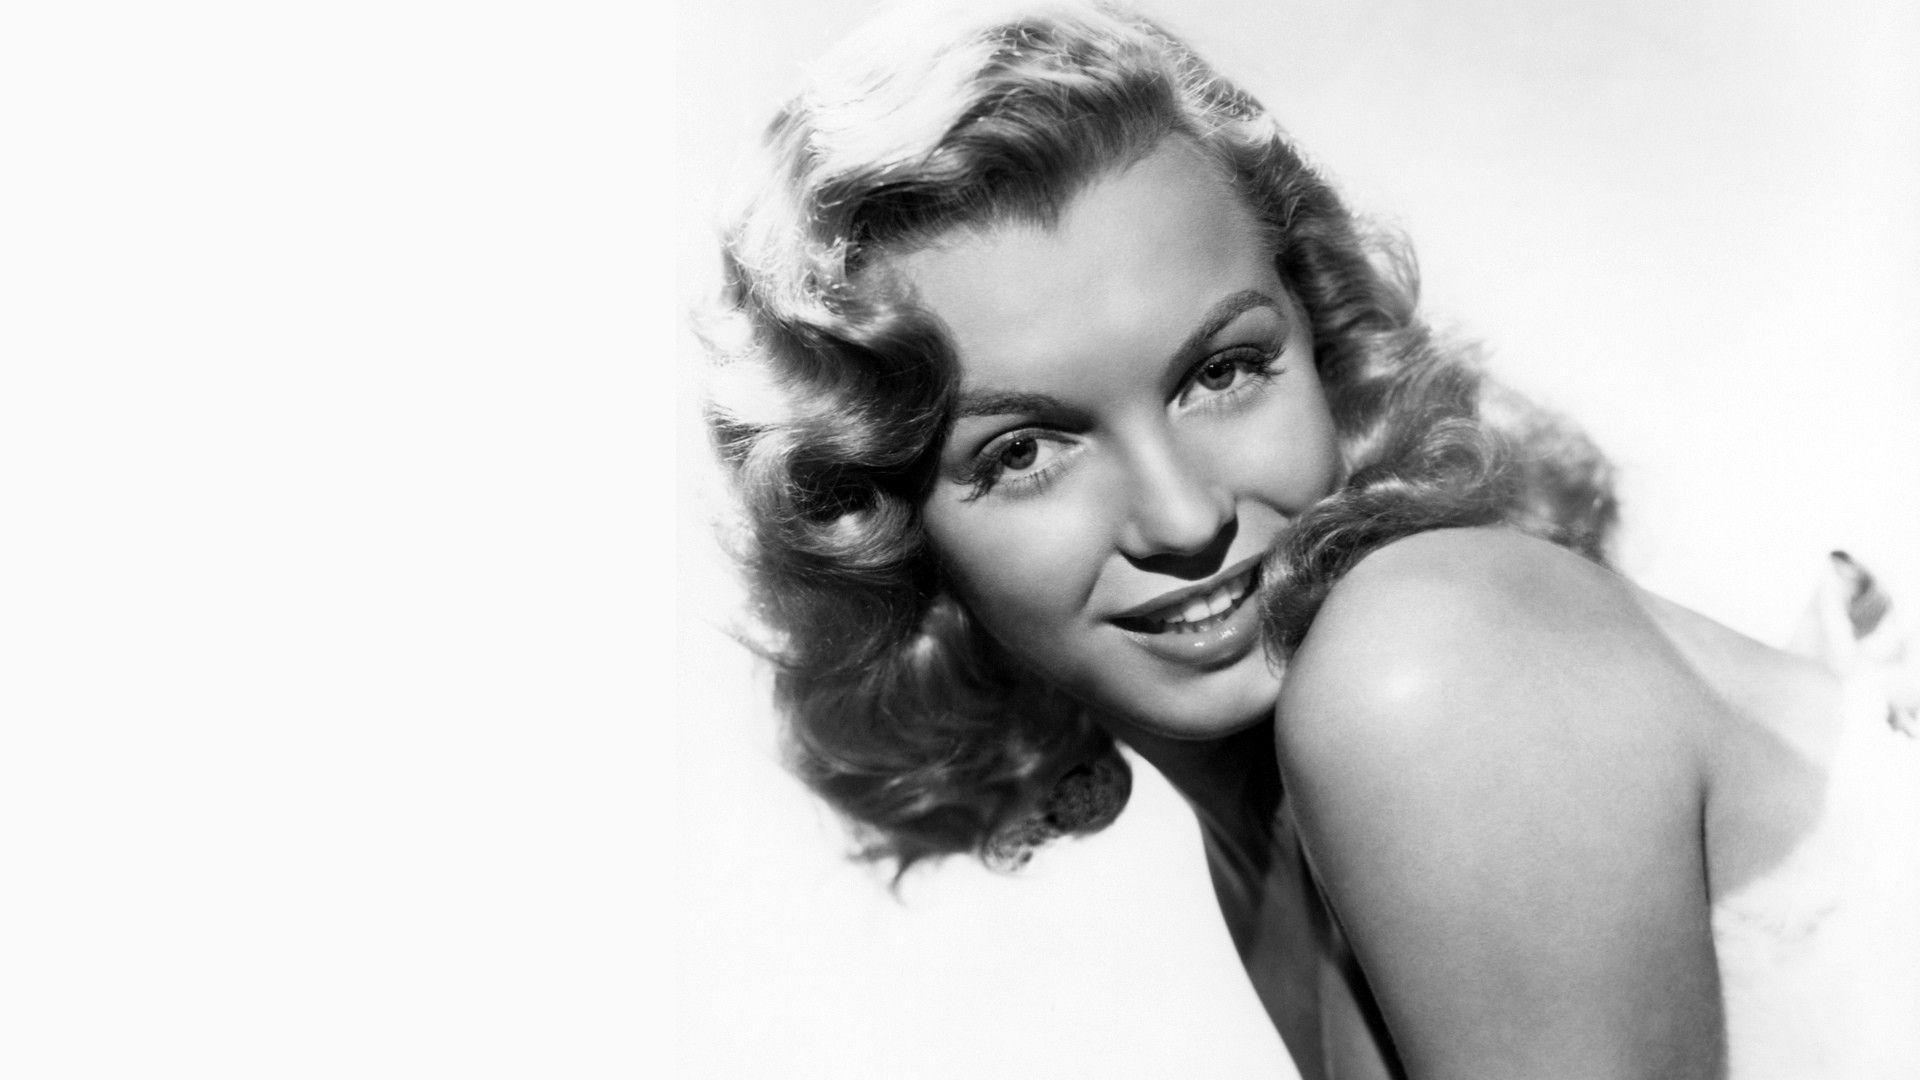 Marilyn Monroe wallpaper - Splendid Wallpaper HD